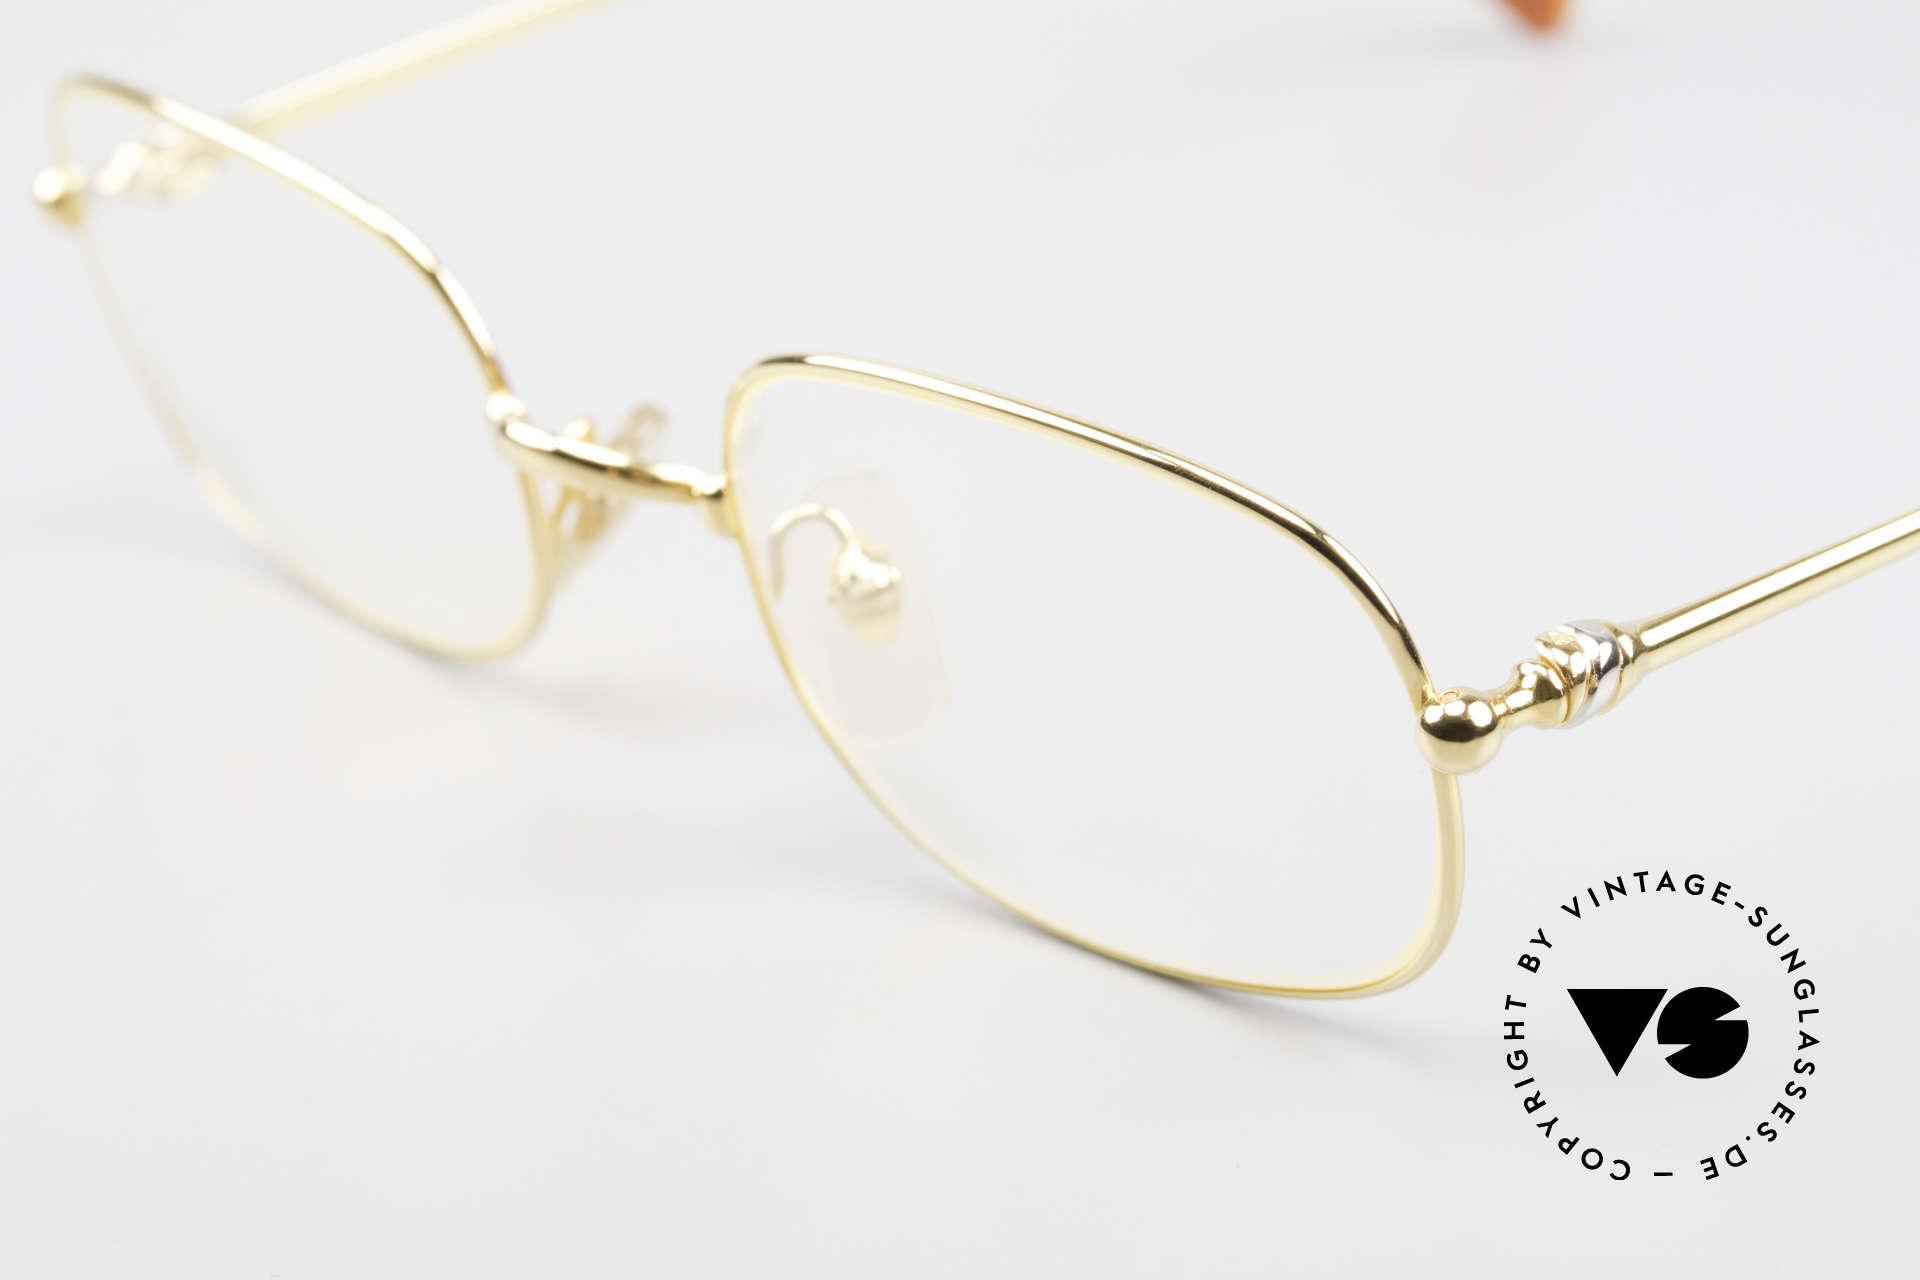 Cartier Deimios Rare Luxus Brillenfassung 90er, vergoldete Metall-Fassung; medium Größe 52-21, 135, Passend für Herren und Damen